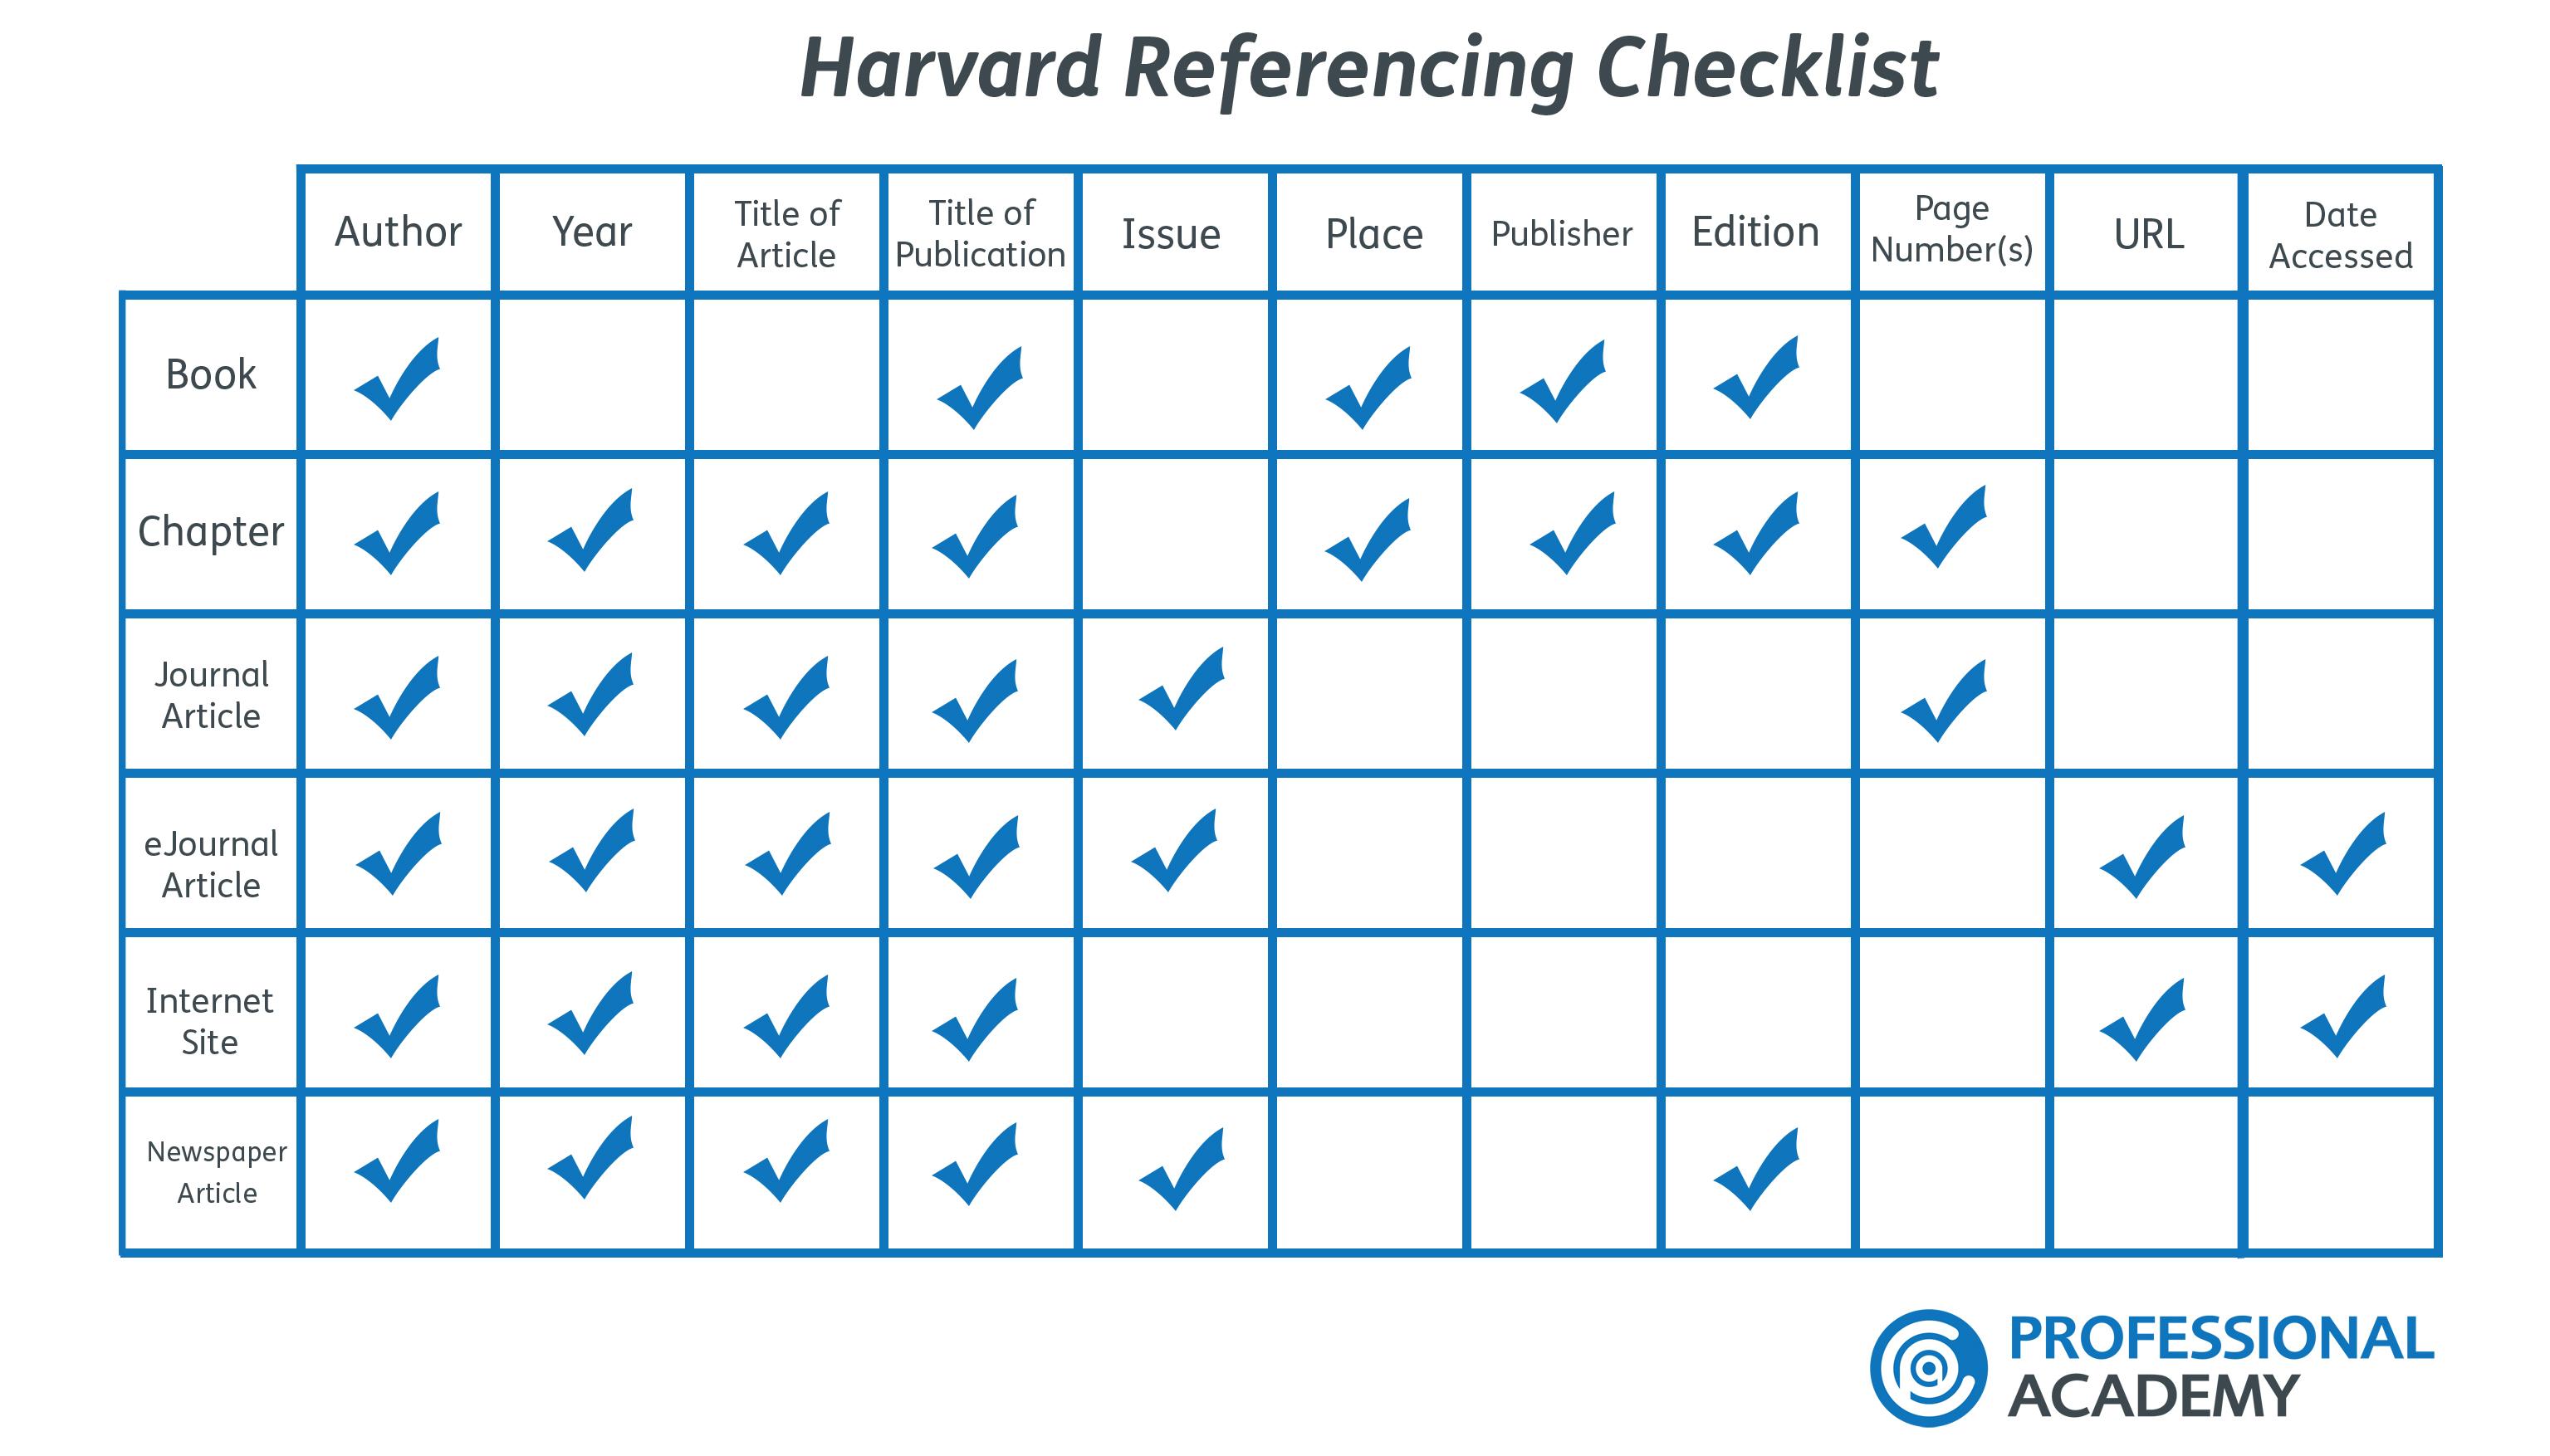 Harvard Referencing Checklist